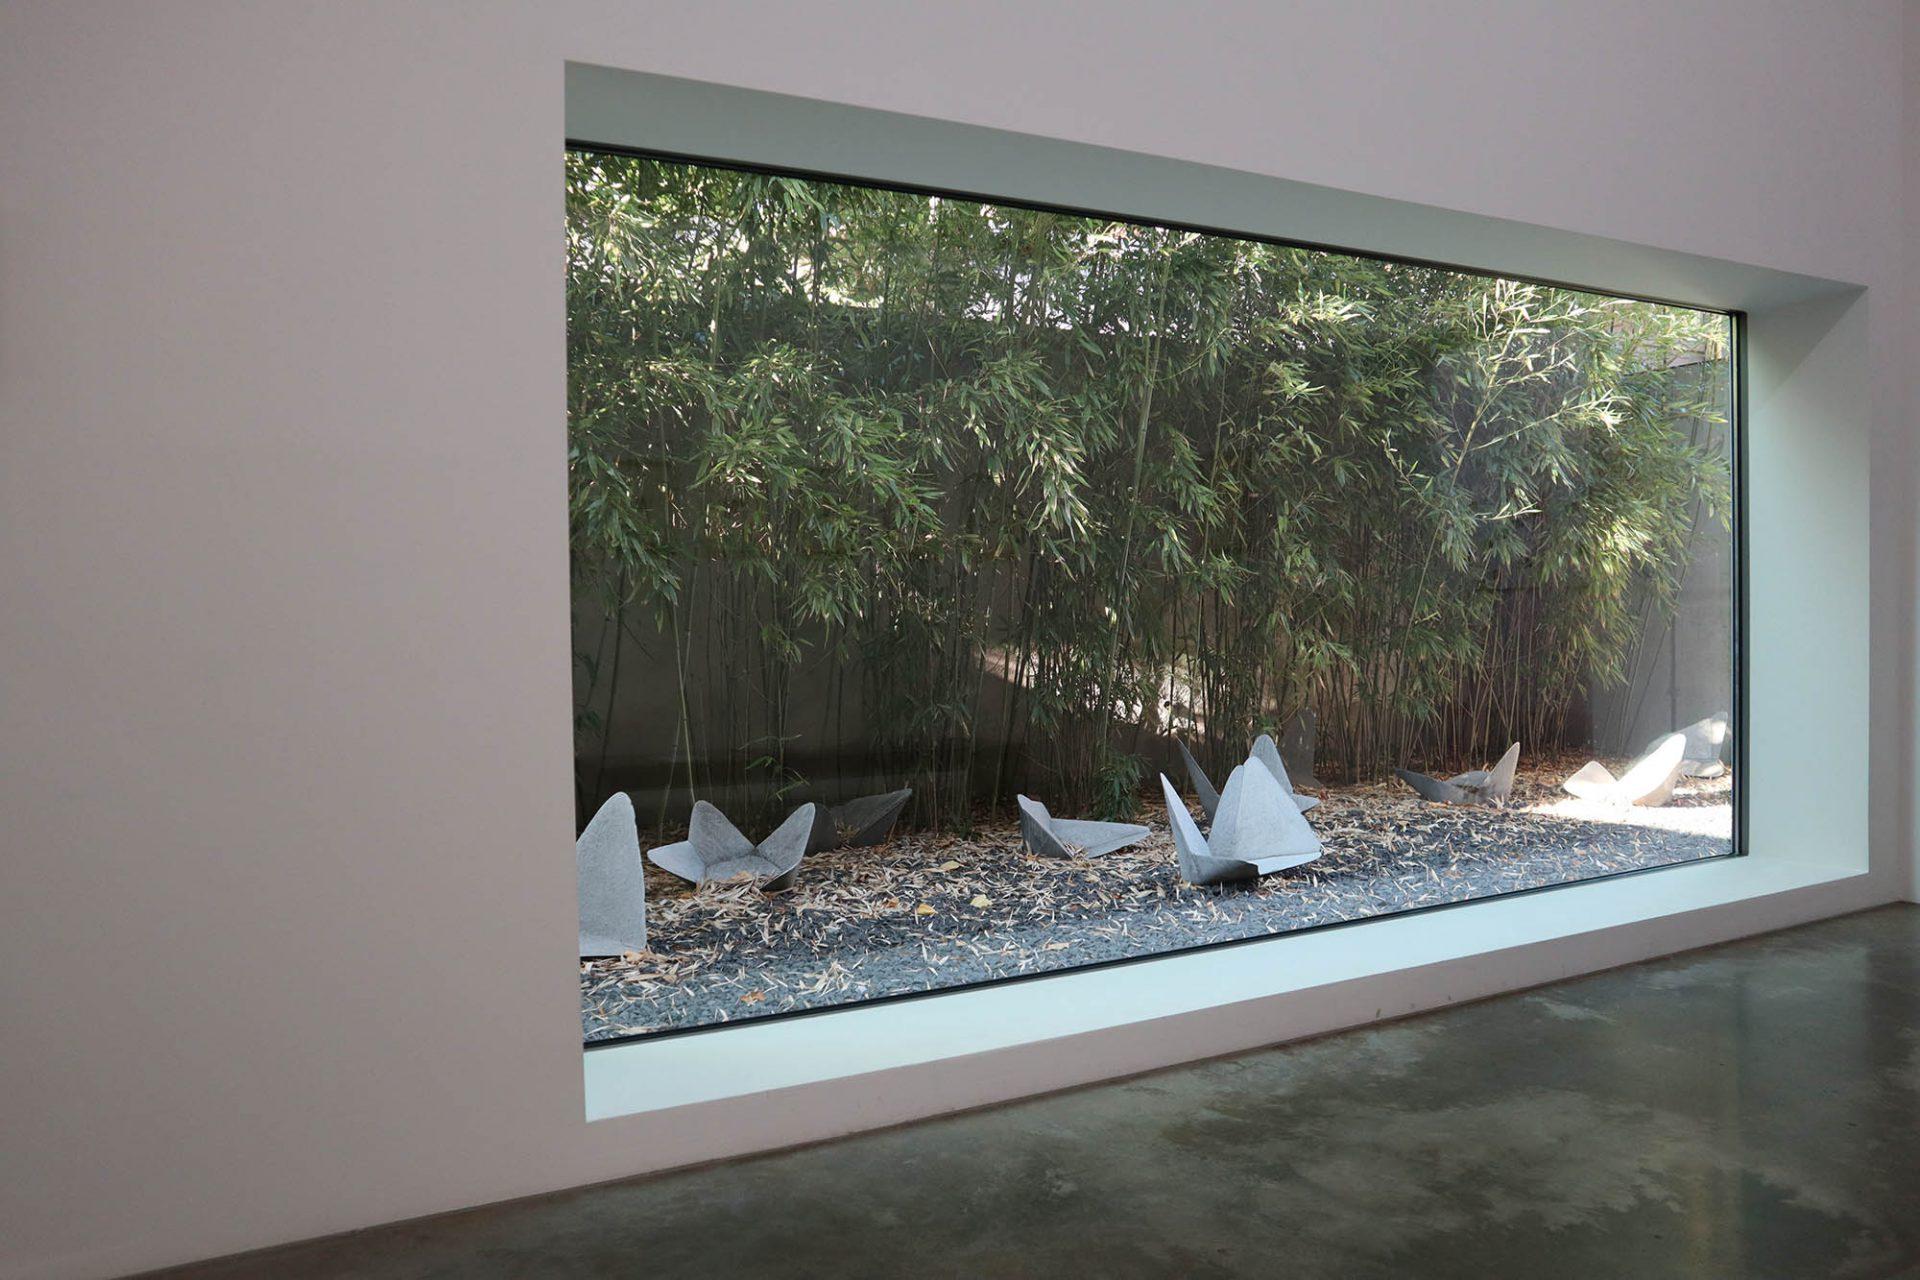 Museum DKM. Fenster rahmen den Blick auf die Skulpturen im Außenraum.